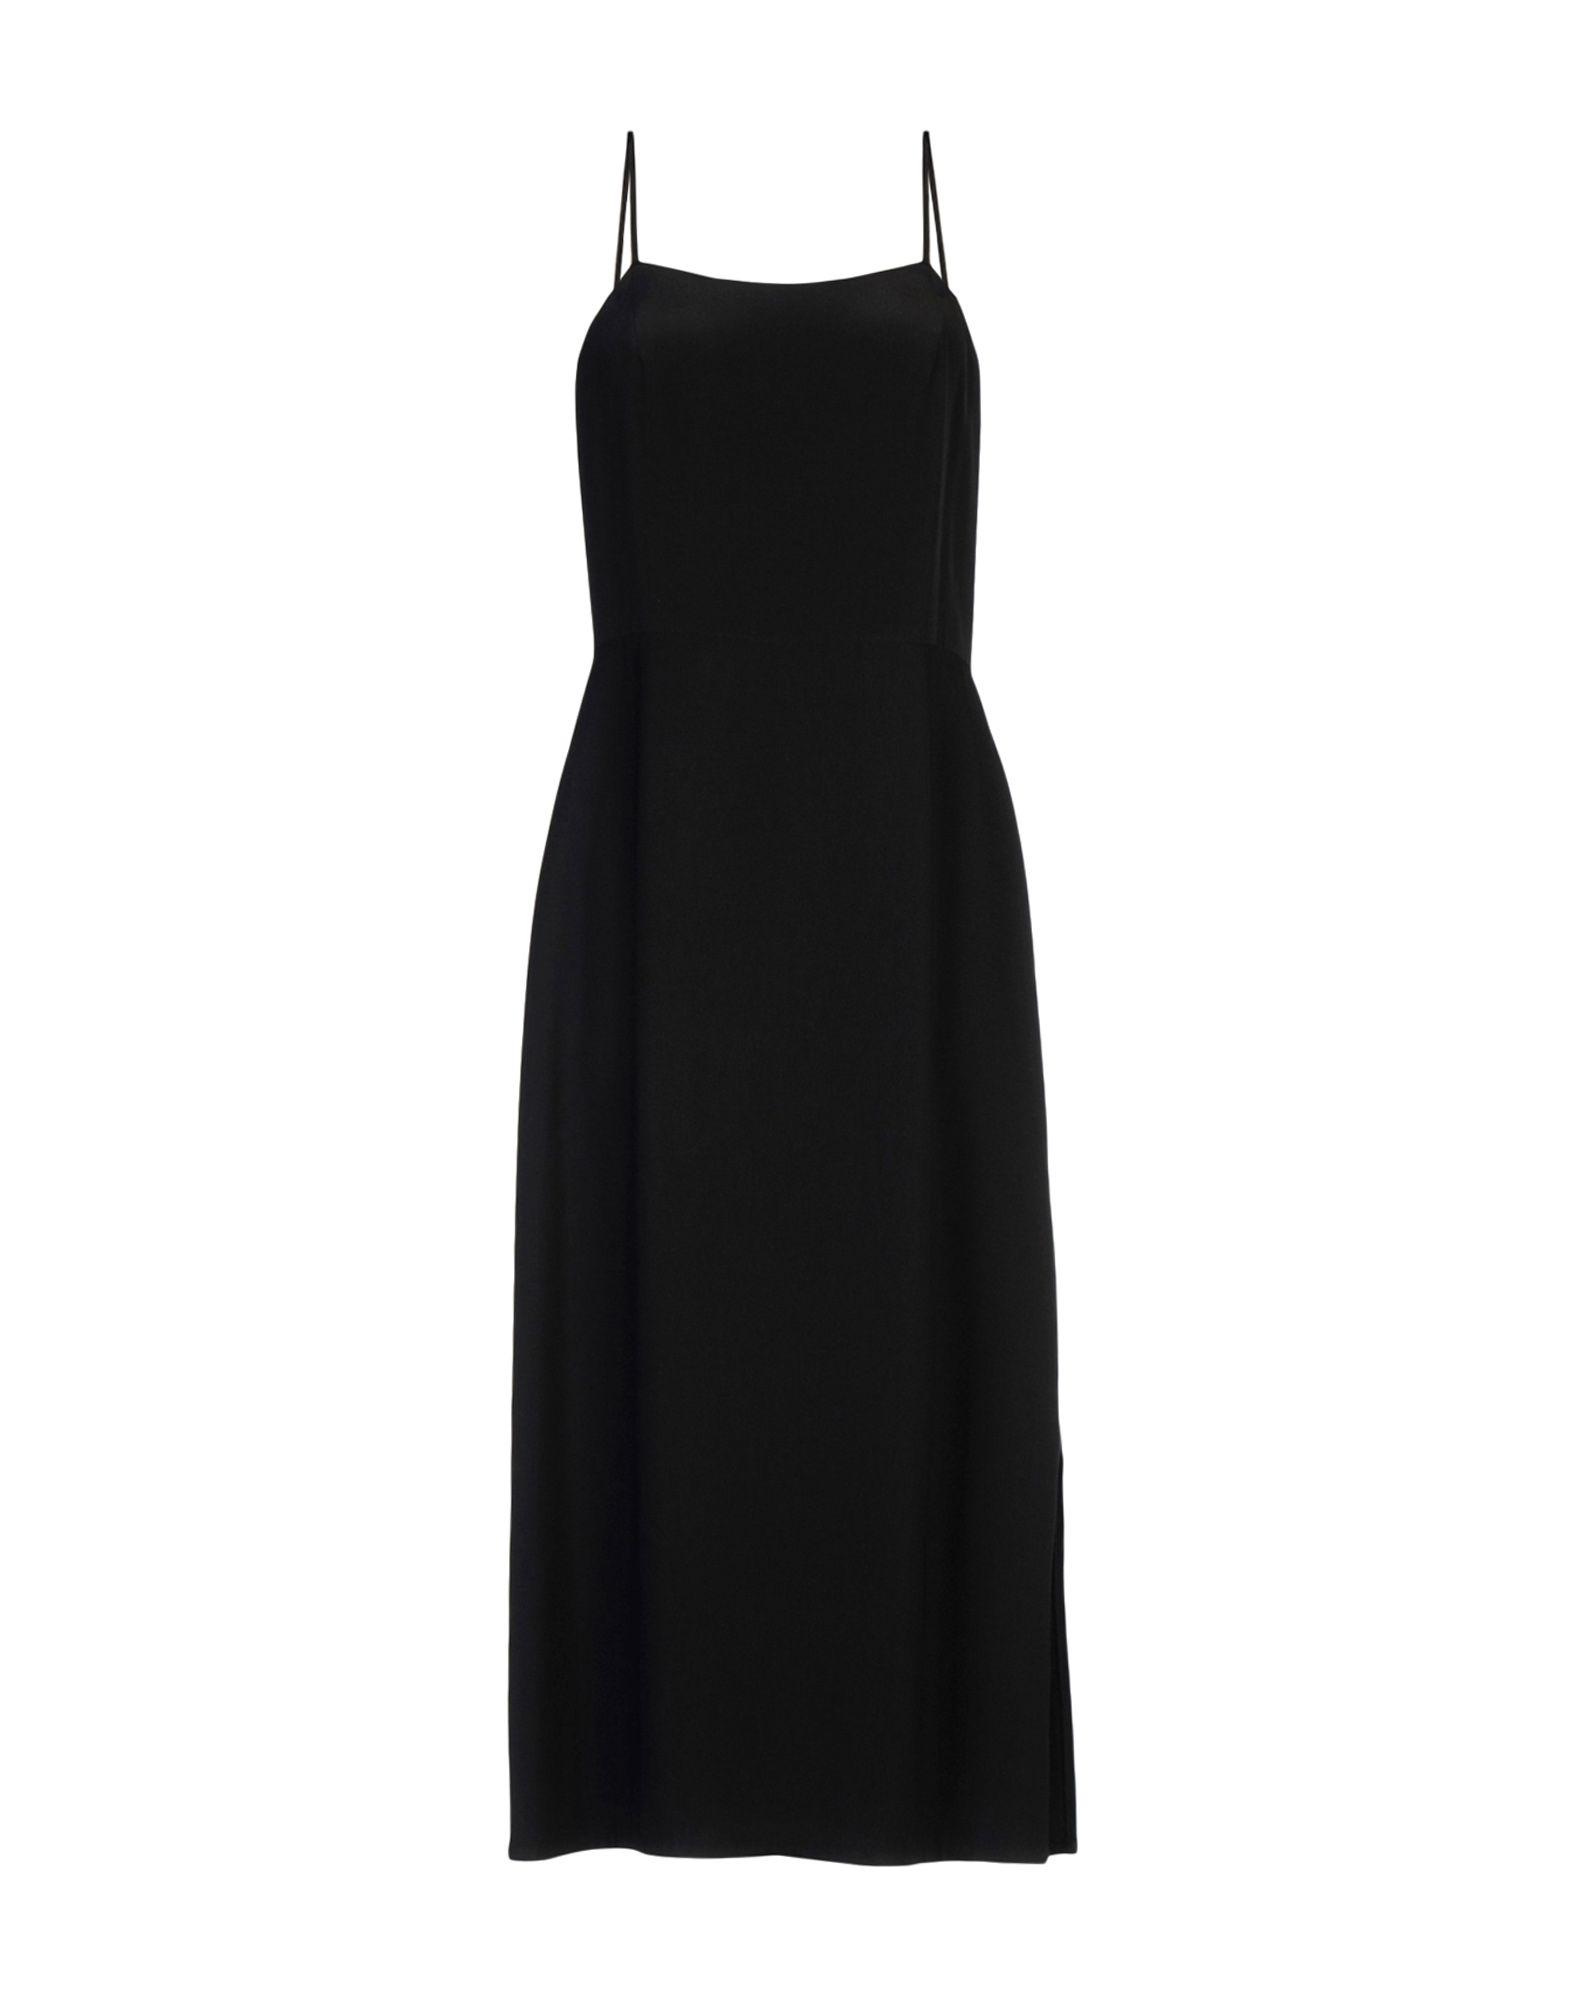 3.1 PHILLIP LIM Платье длиной 3/4 lisa corti платье длиной 3 4